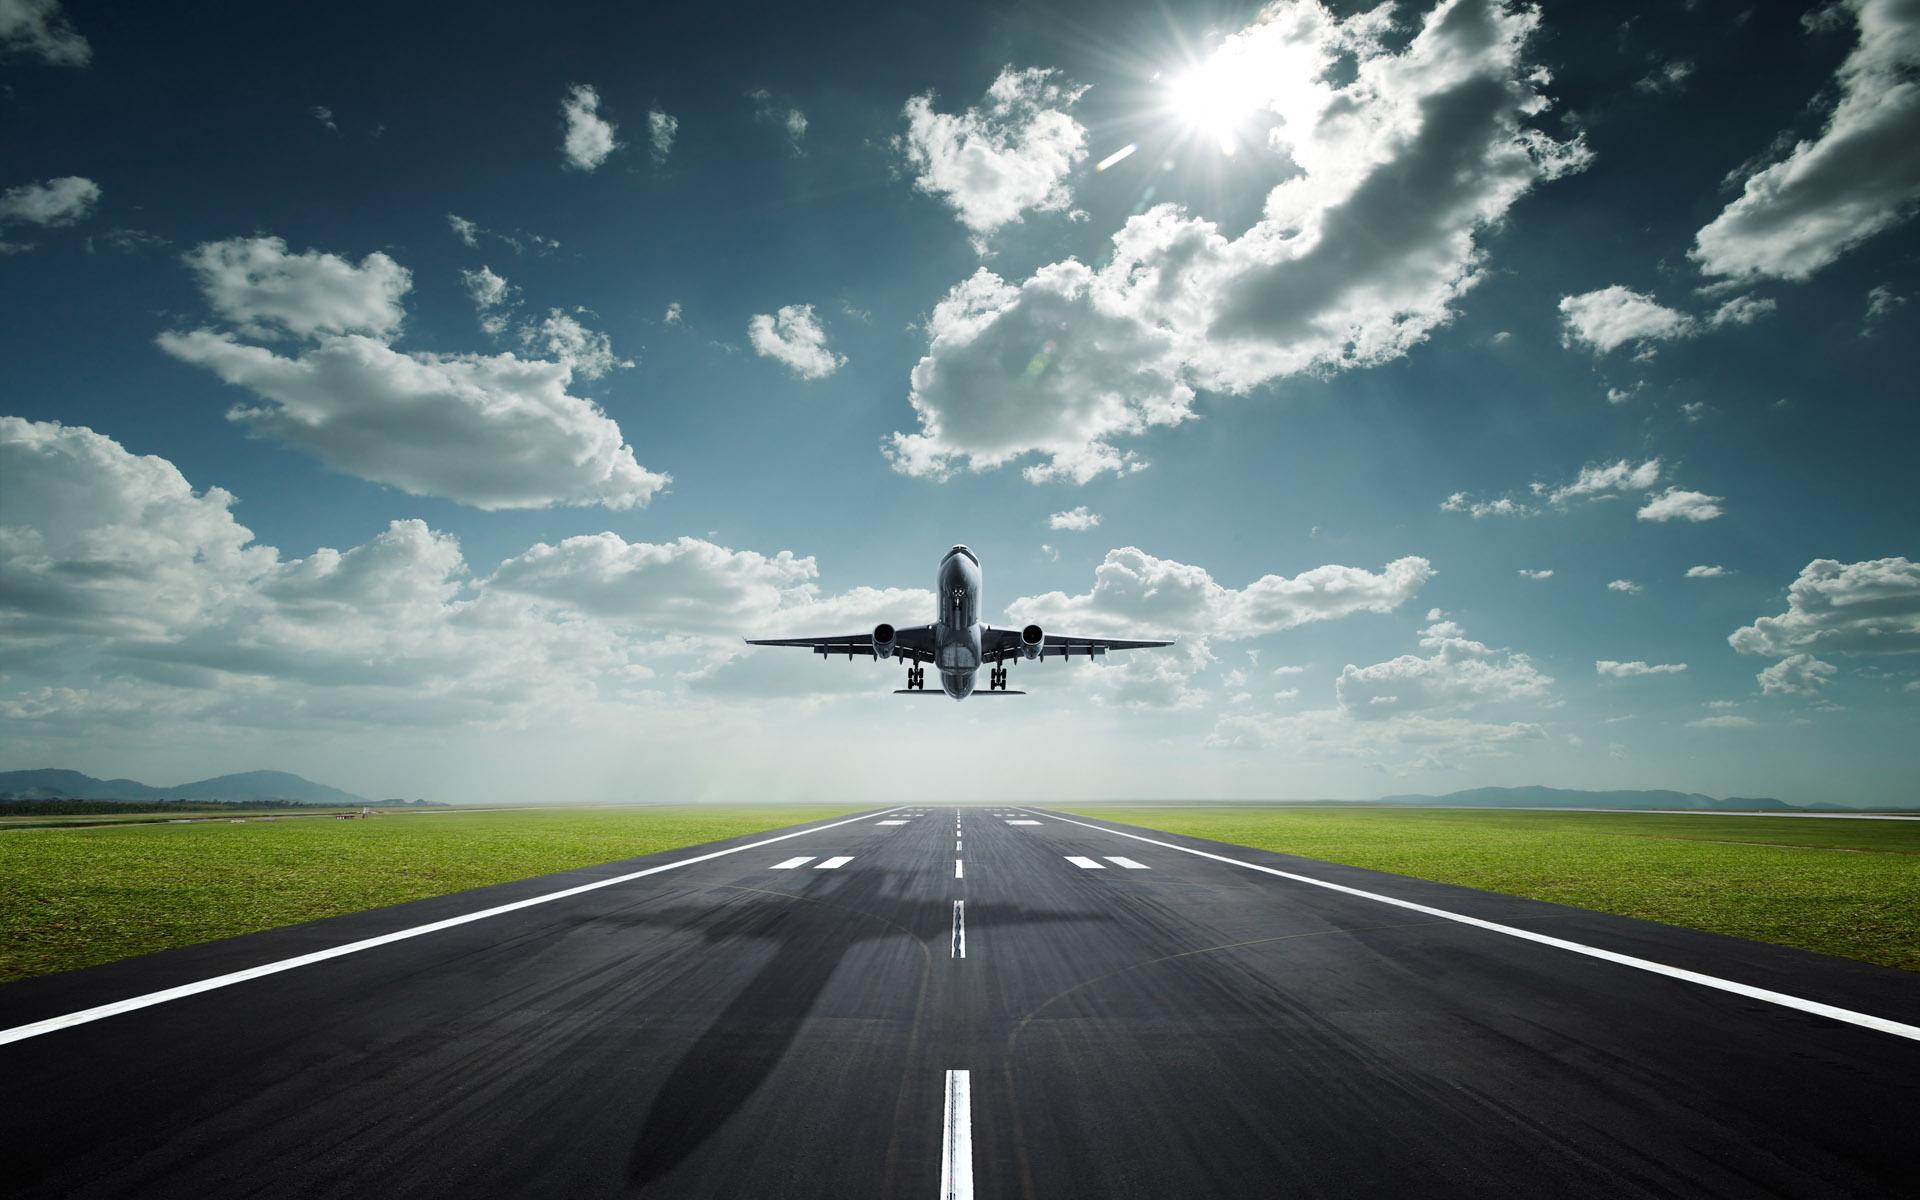 airplane landing wallpaper wallpapers - photo #5